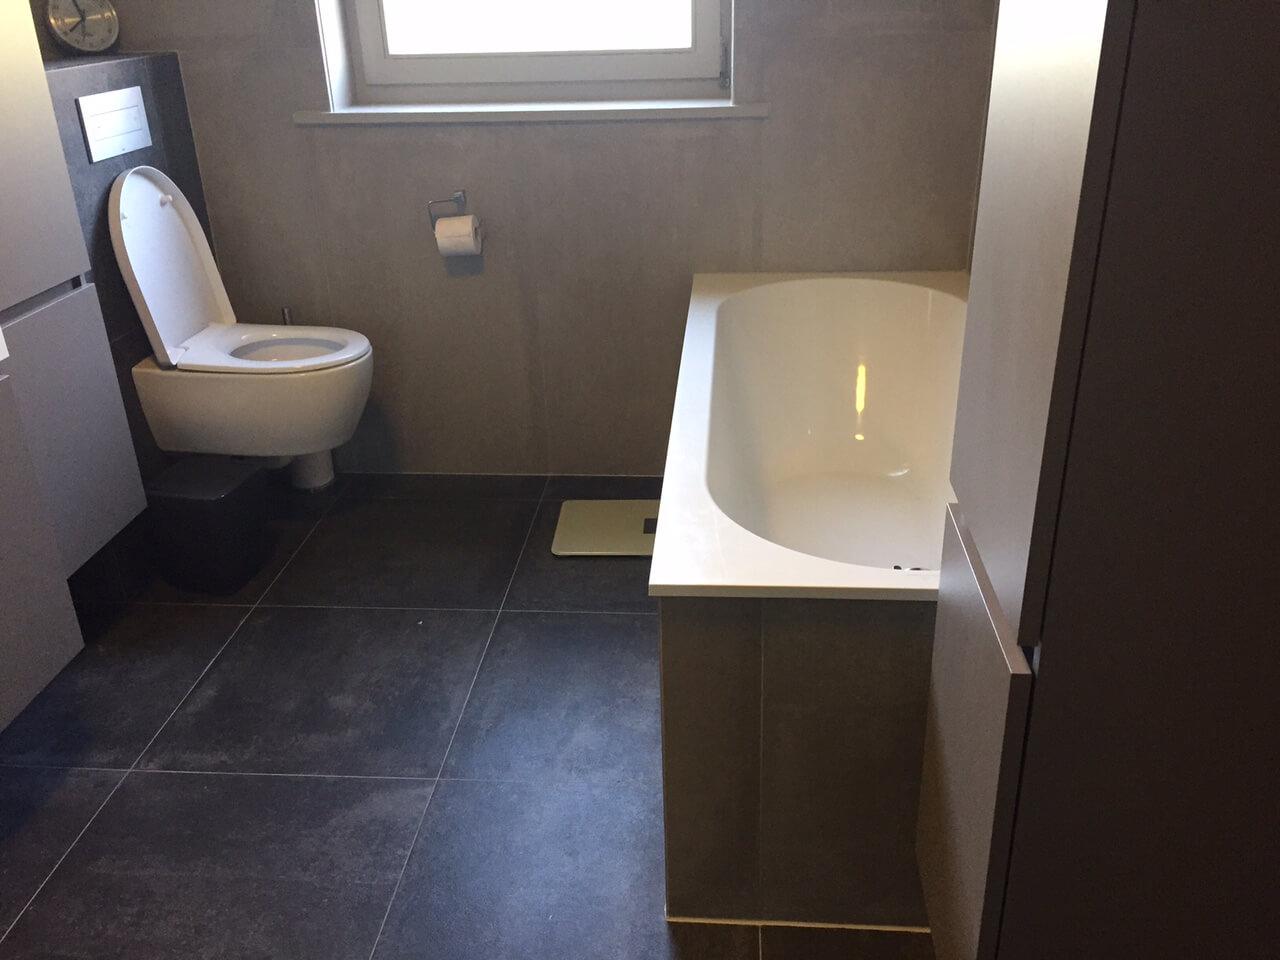 Inloopdouche Met Bad : Badkamer van morgen bad eruit douche erin baderie